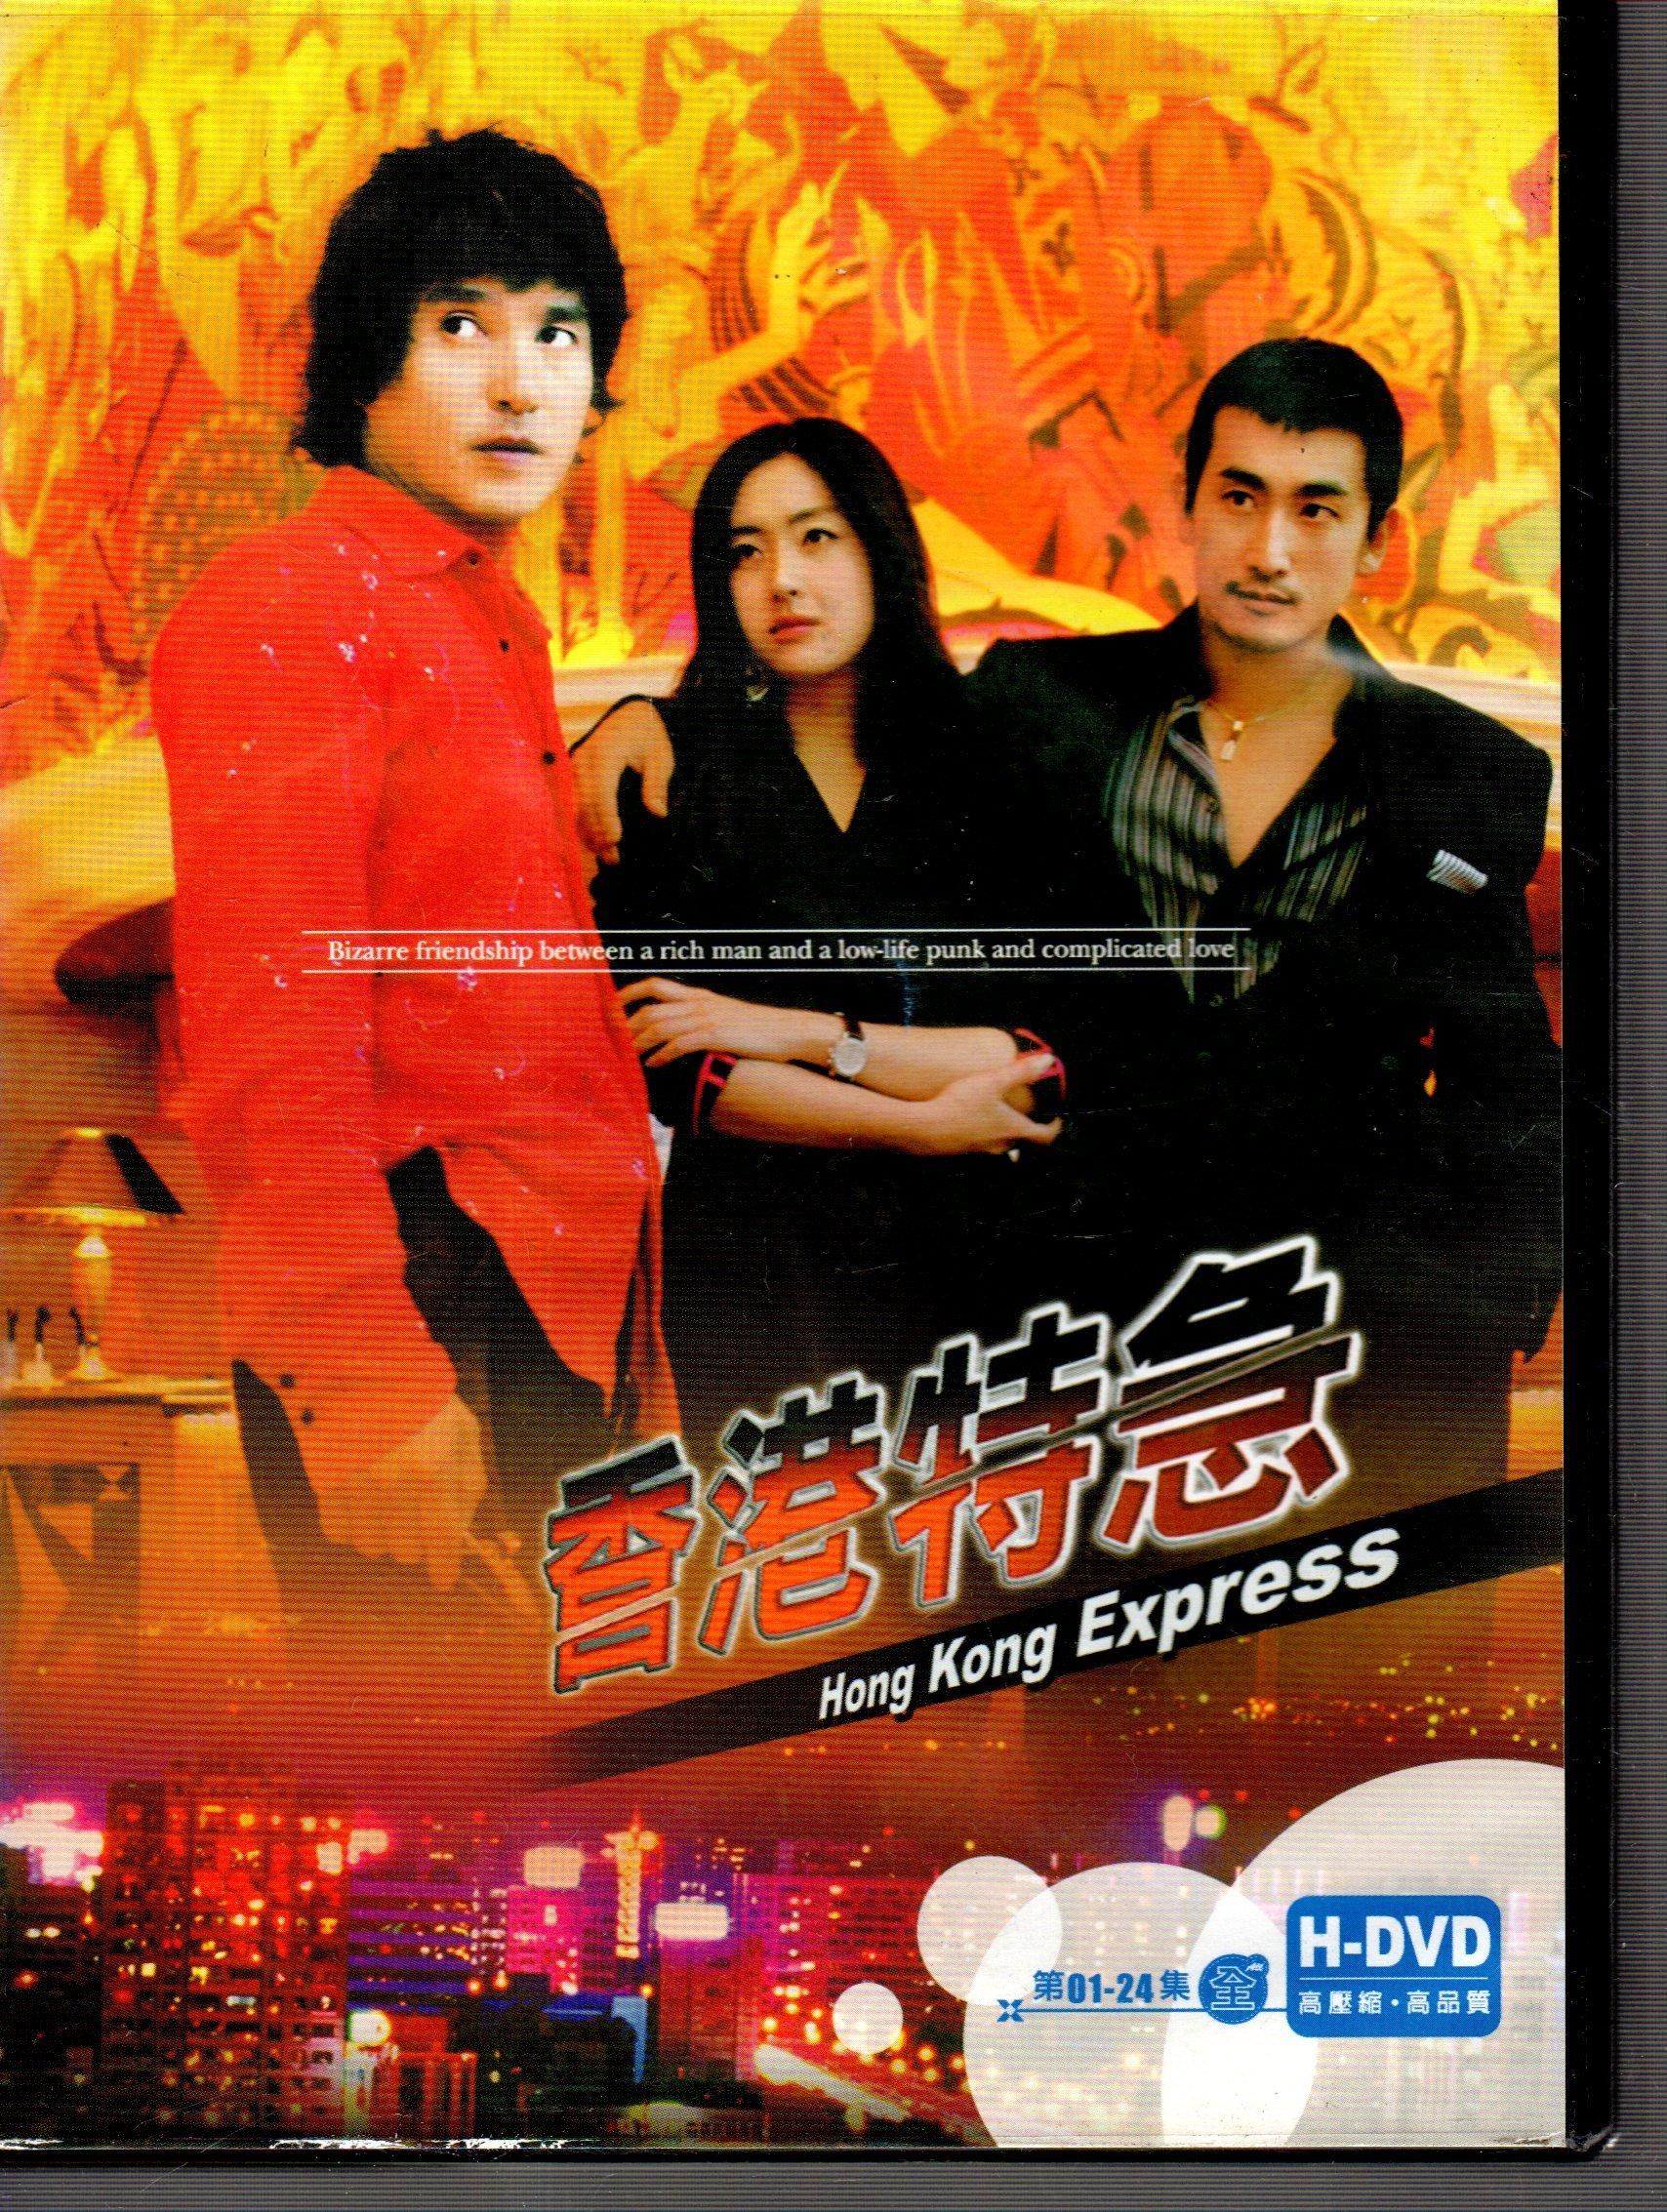 *老闆跑路*香港特急1-24集DVD韓語發音國語字幕二手片,下標即賣,請看關於我